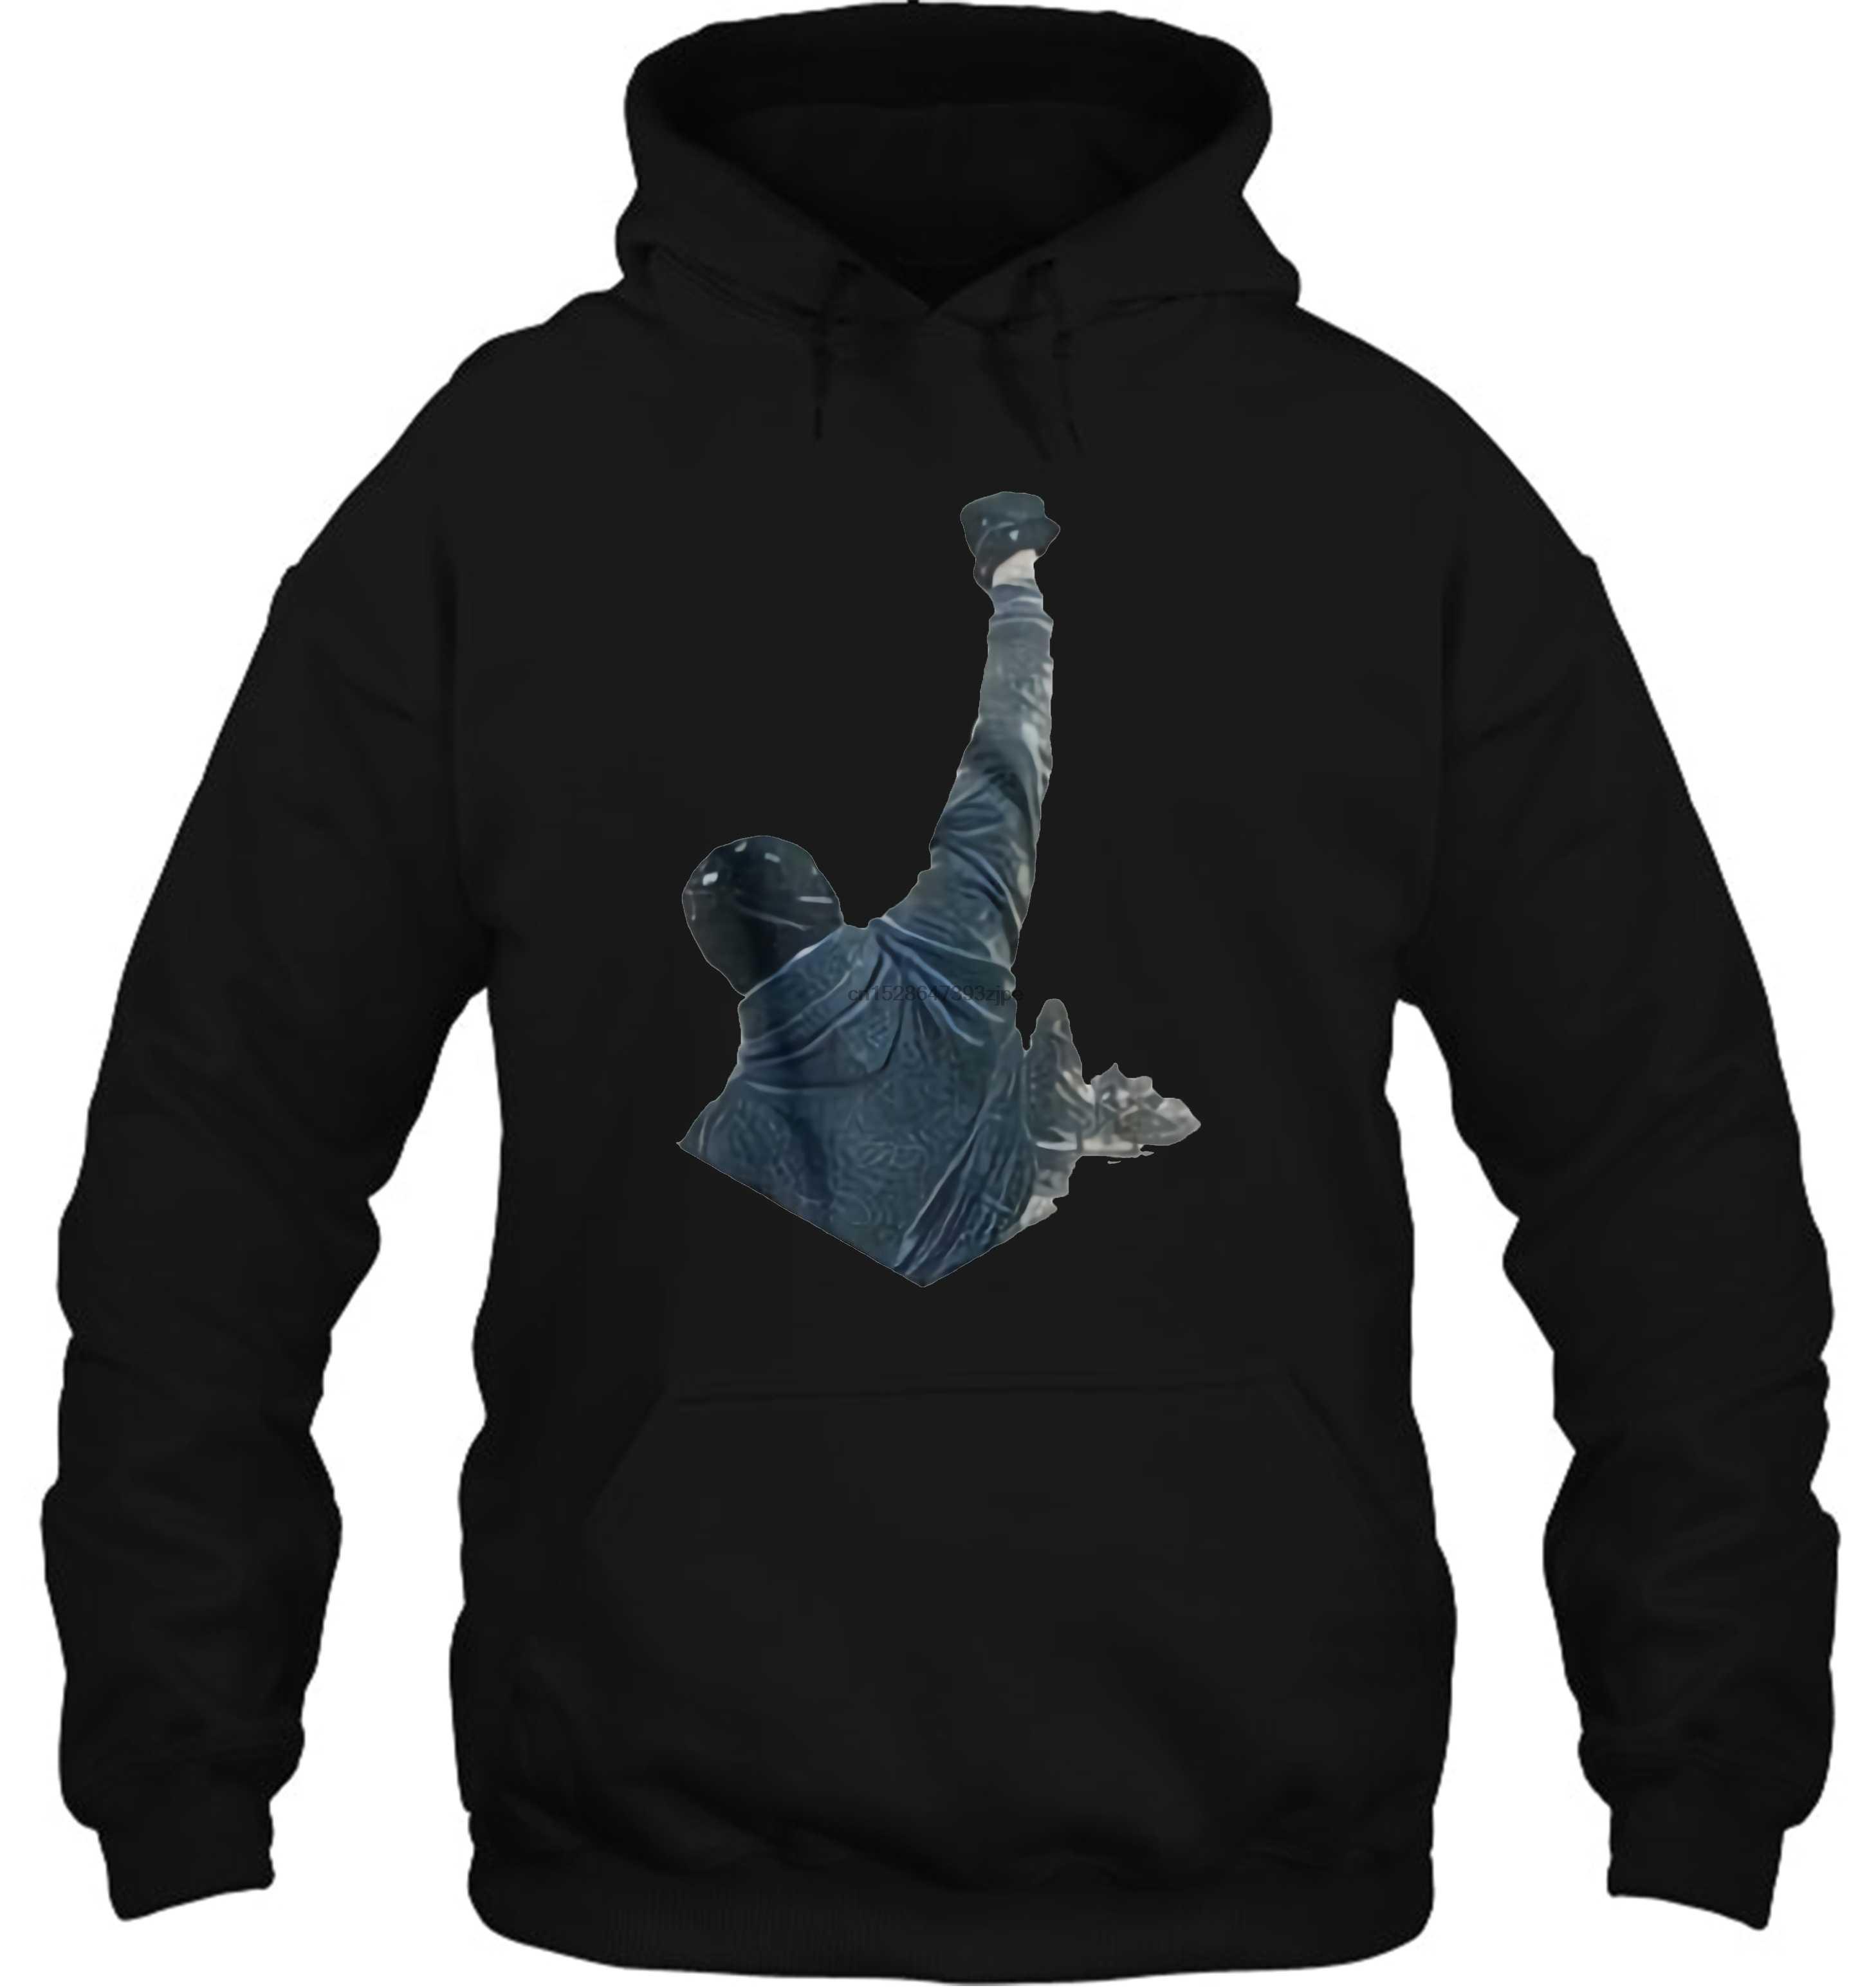 Мужская толстовка Rocky рубашка Balboa женская уличная одежда